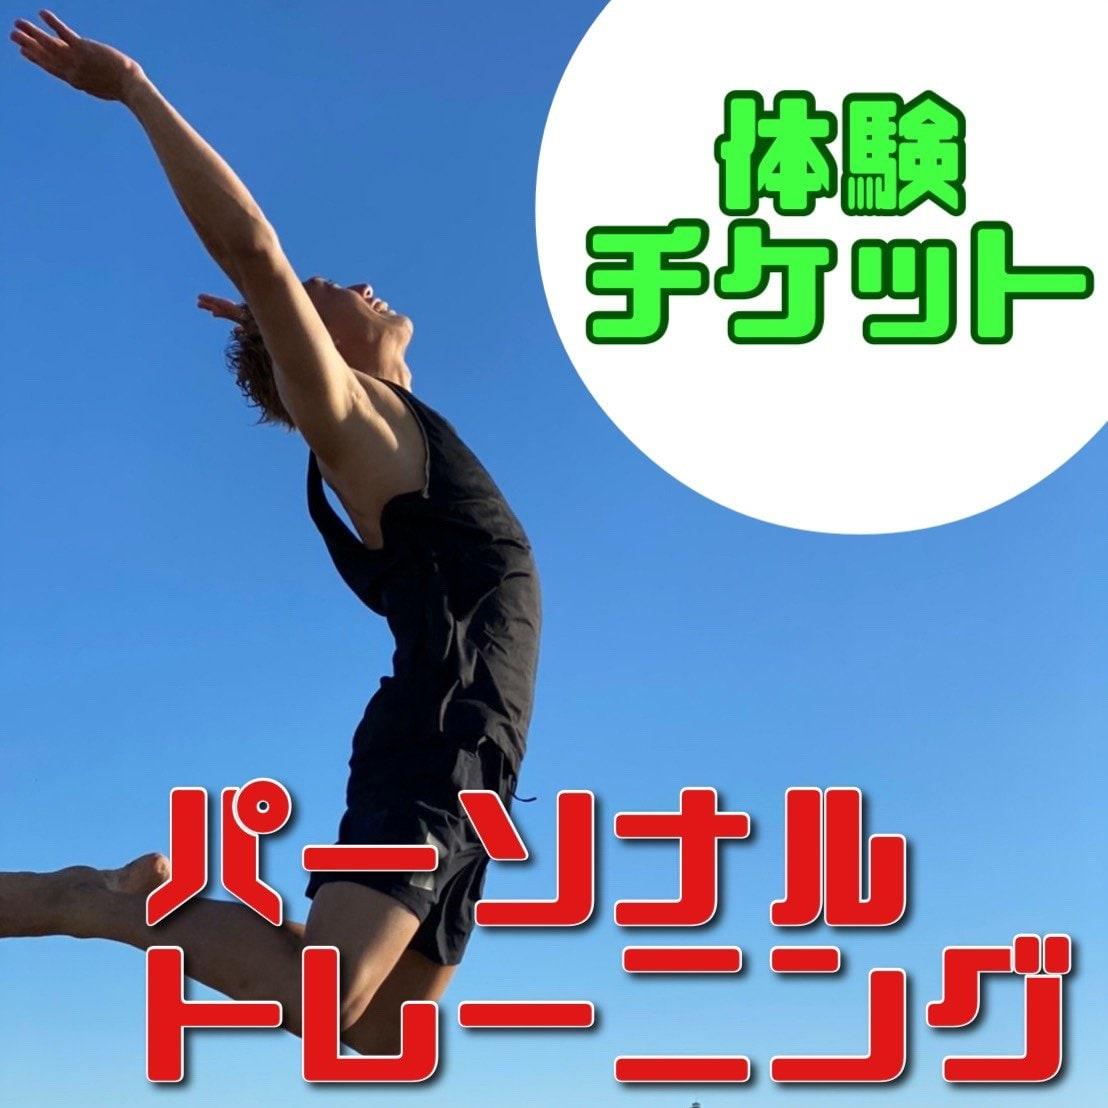 【体験チケット】パーソナルトレーニングのイメージその1